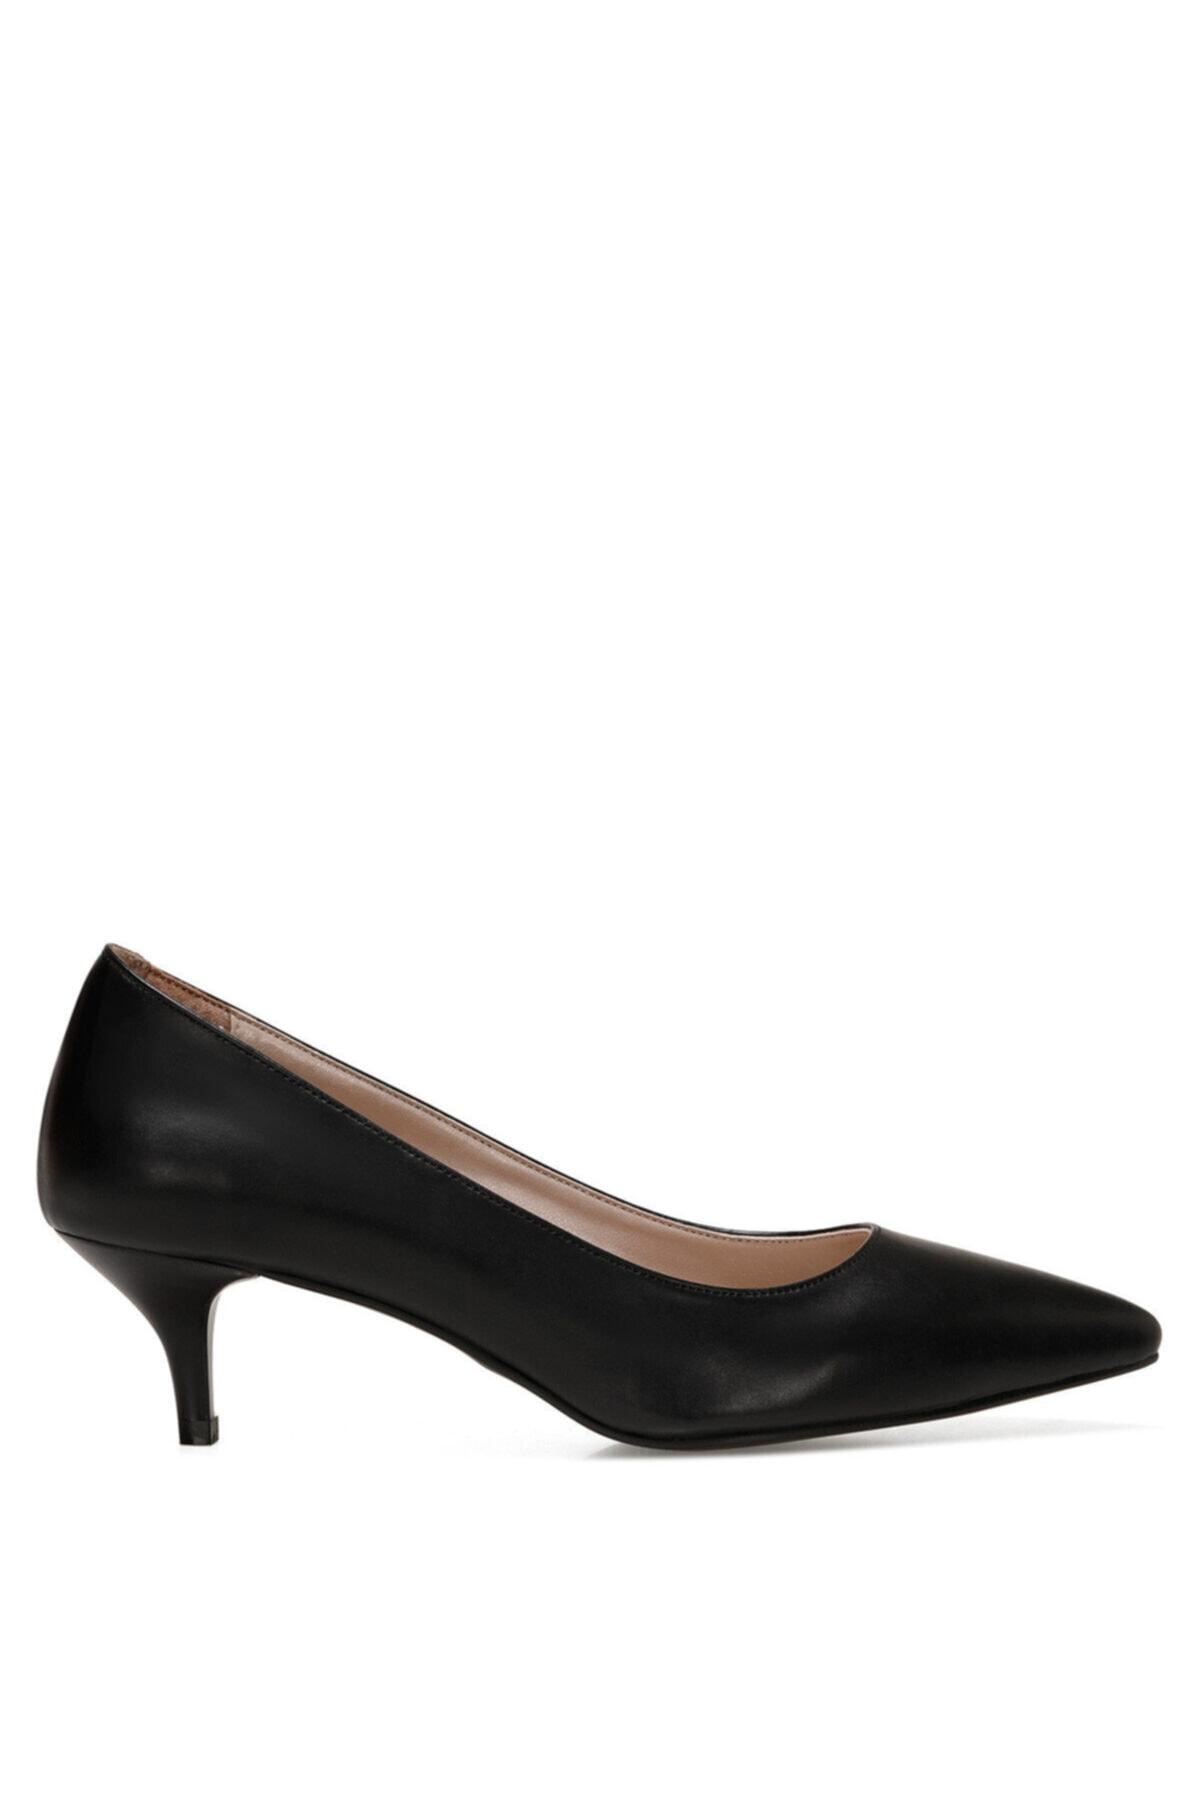 İnci PETIT.Z 1FX Siyah Kadın Gova Ayakkabı 101033755 1